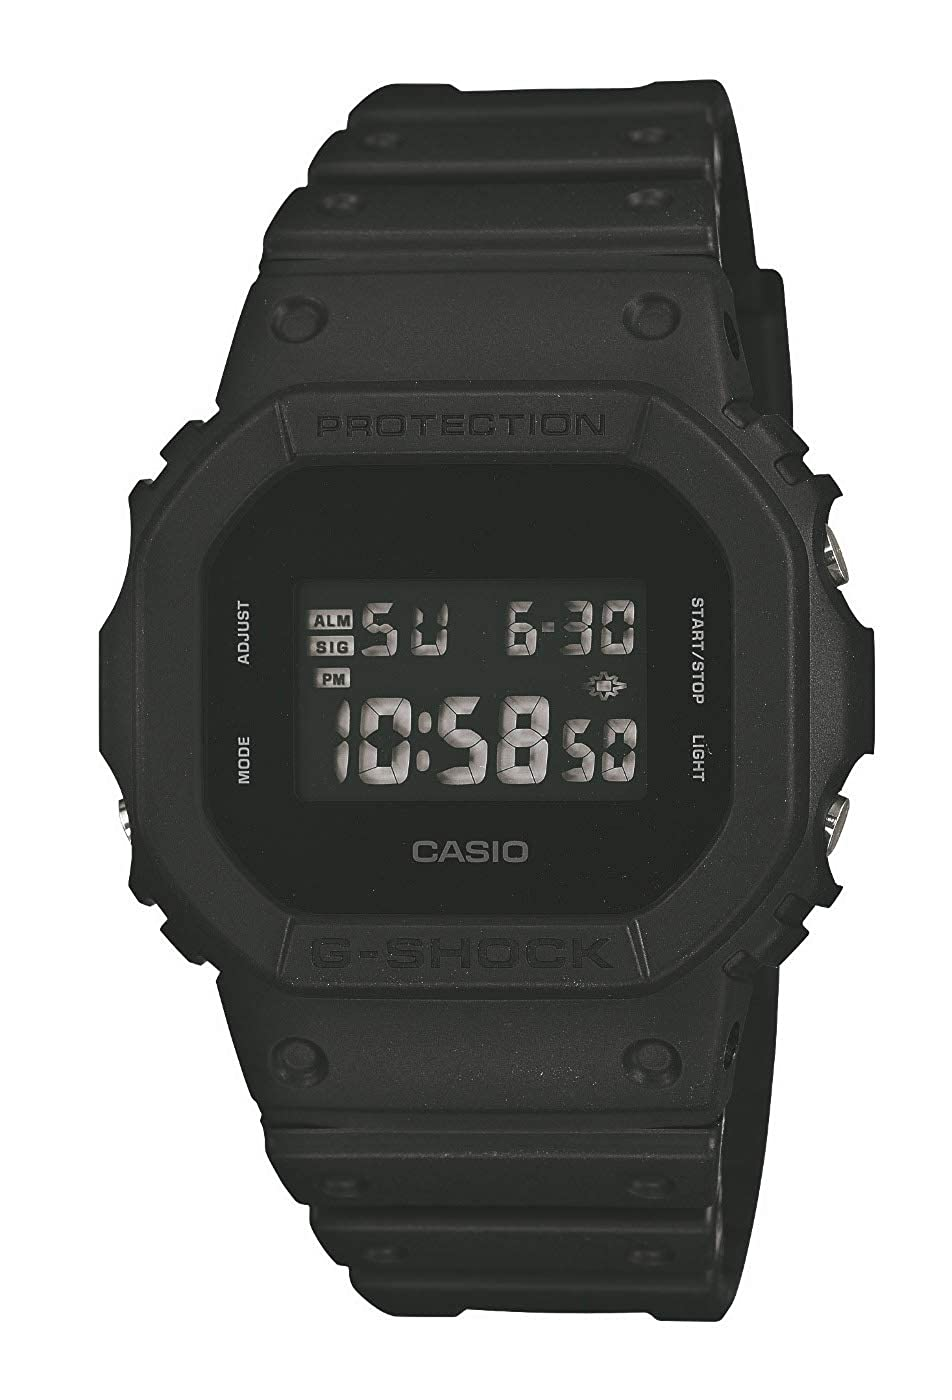 Amazon.com: Casio - Mens Watches - Casio G-Shock - Dw-5600Bb-1Er Monotone Matte Black Watch: Watches